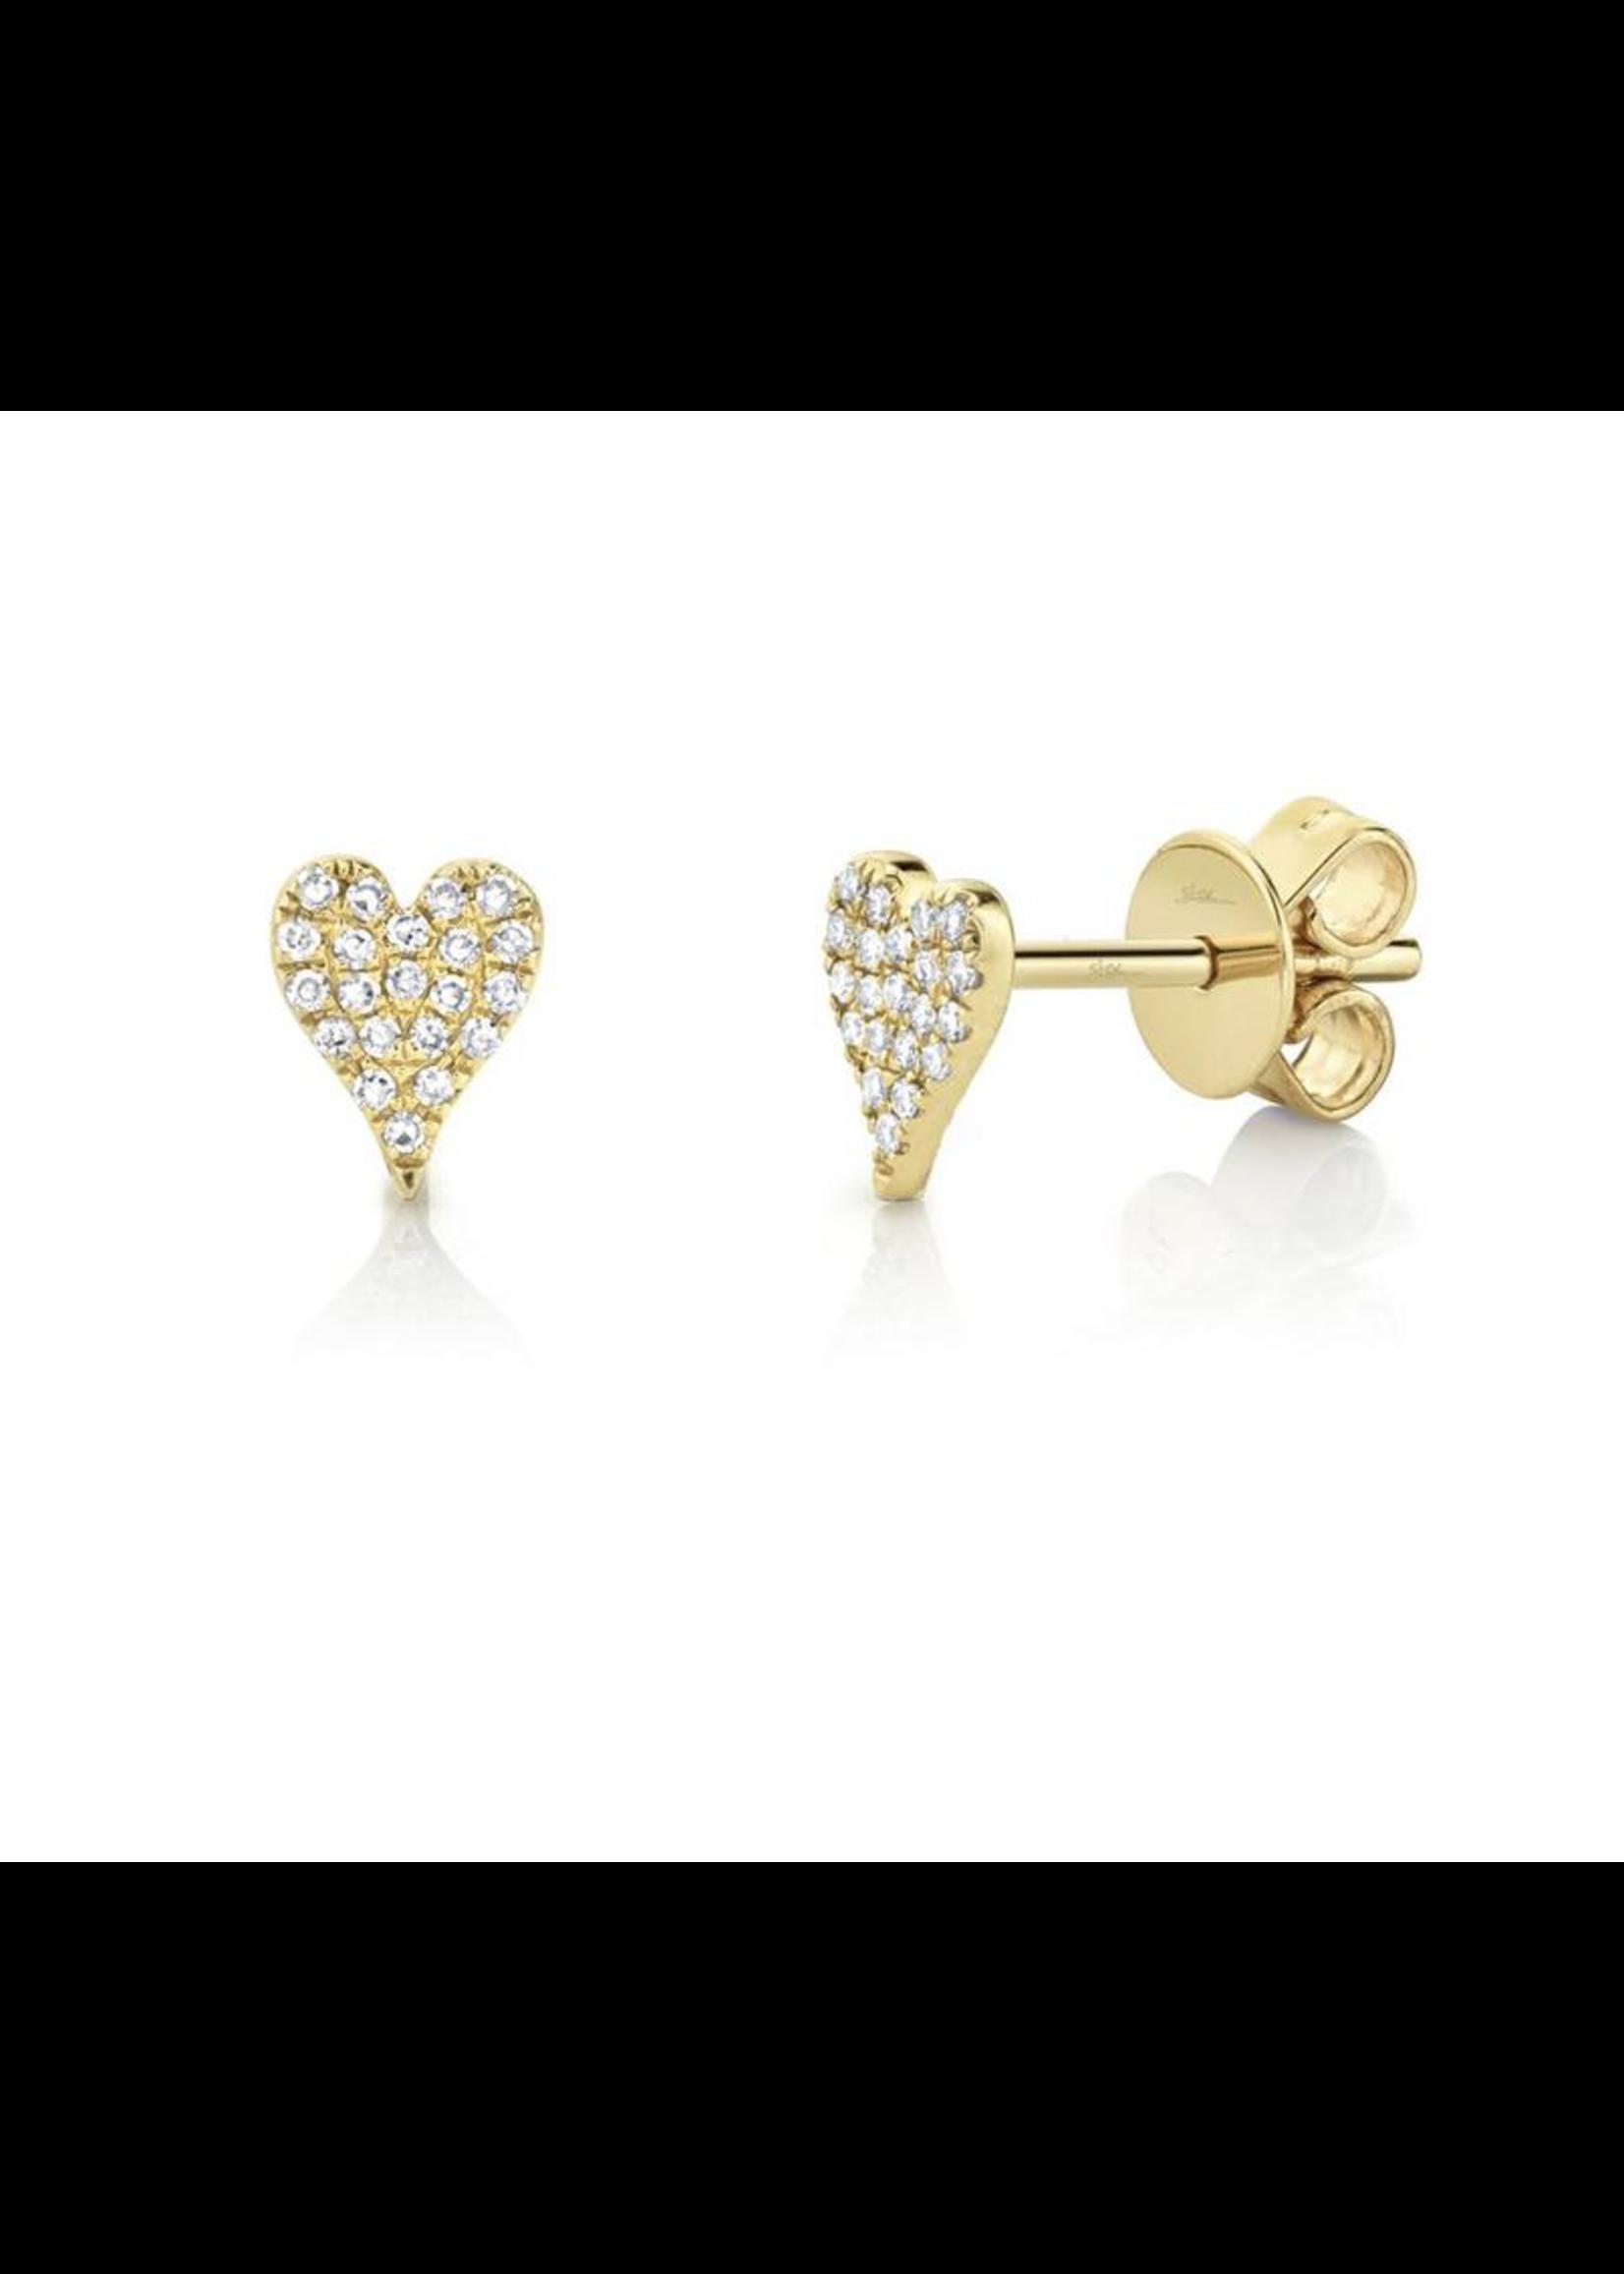 Jill Alberts Diamond Pave Stud Heart Earrings